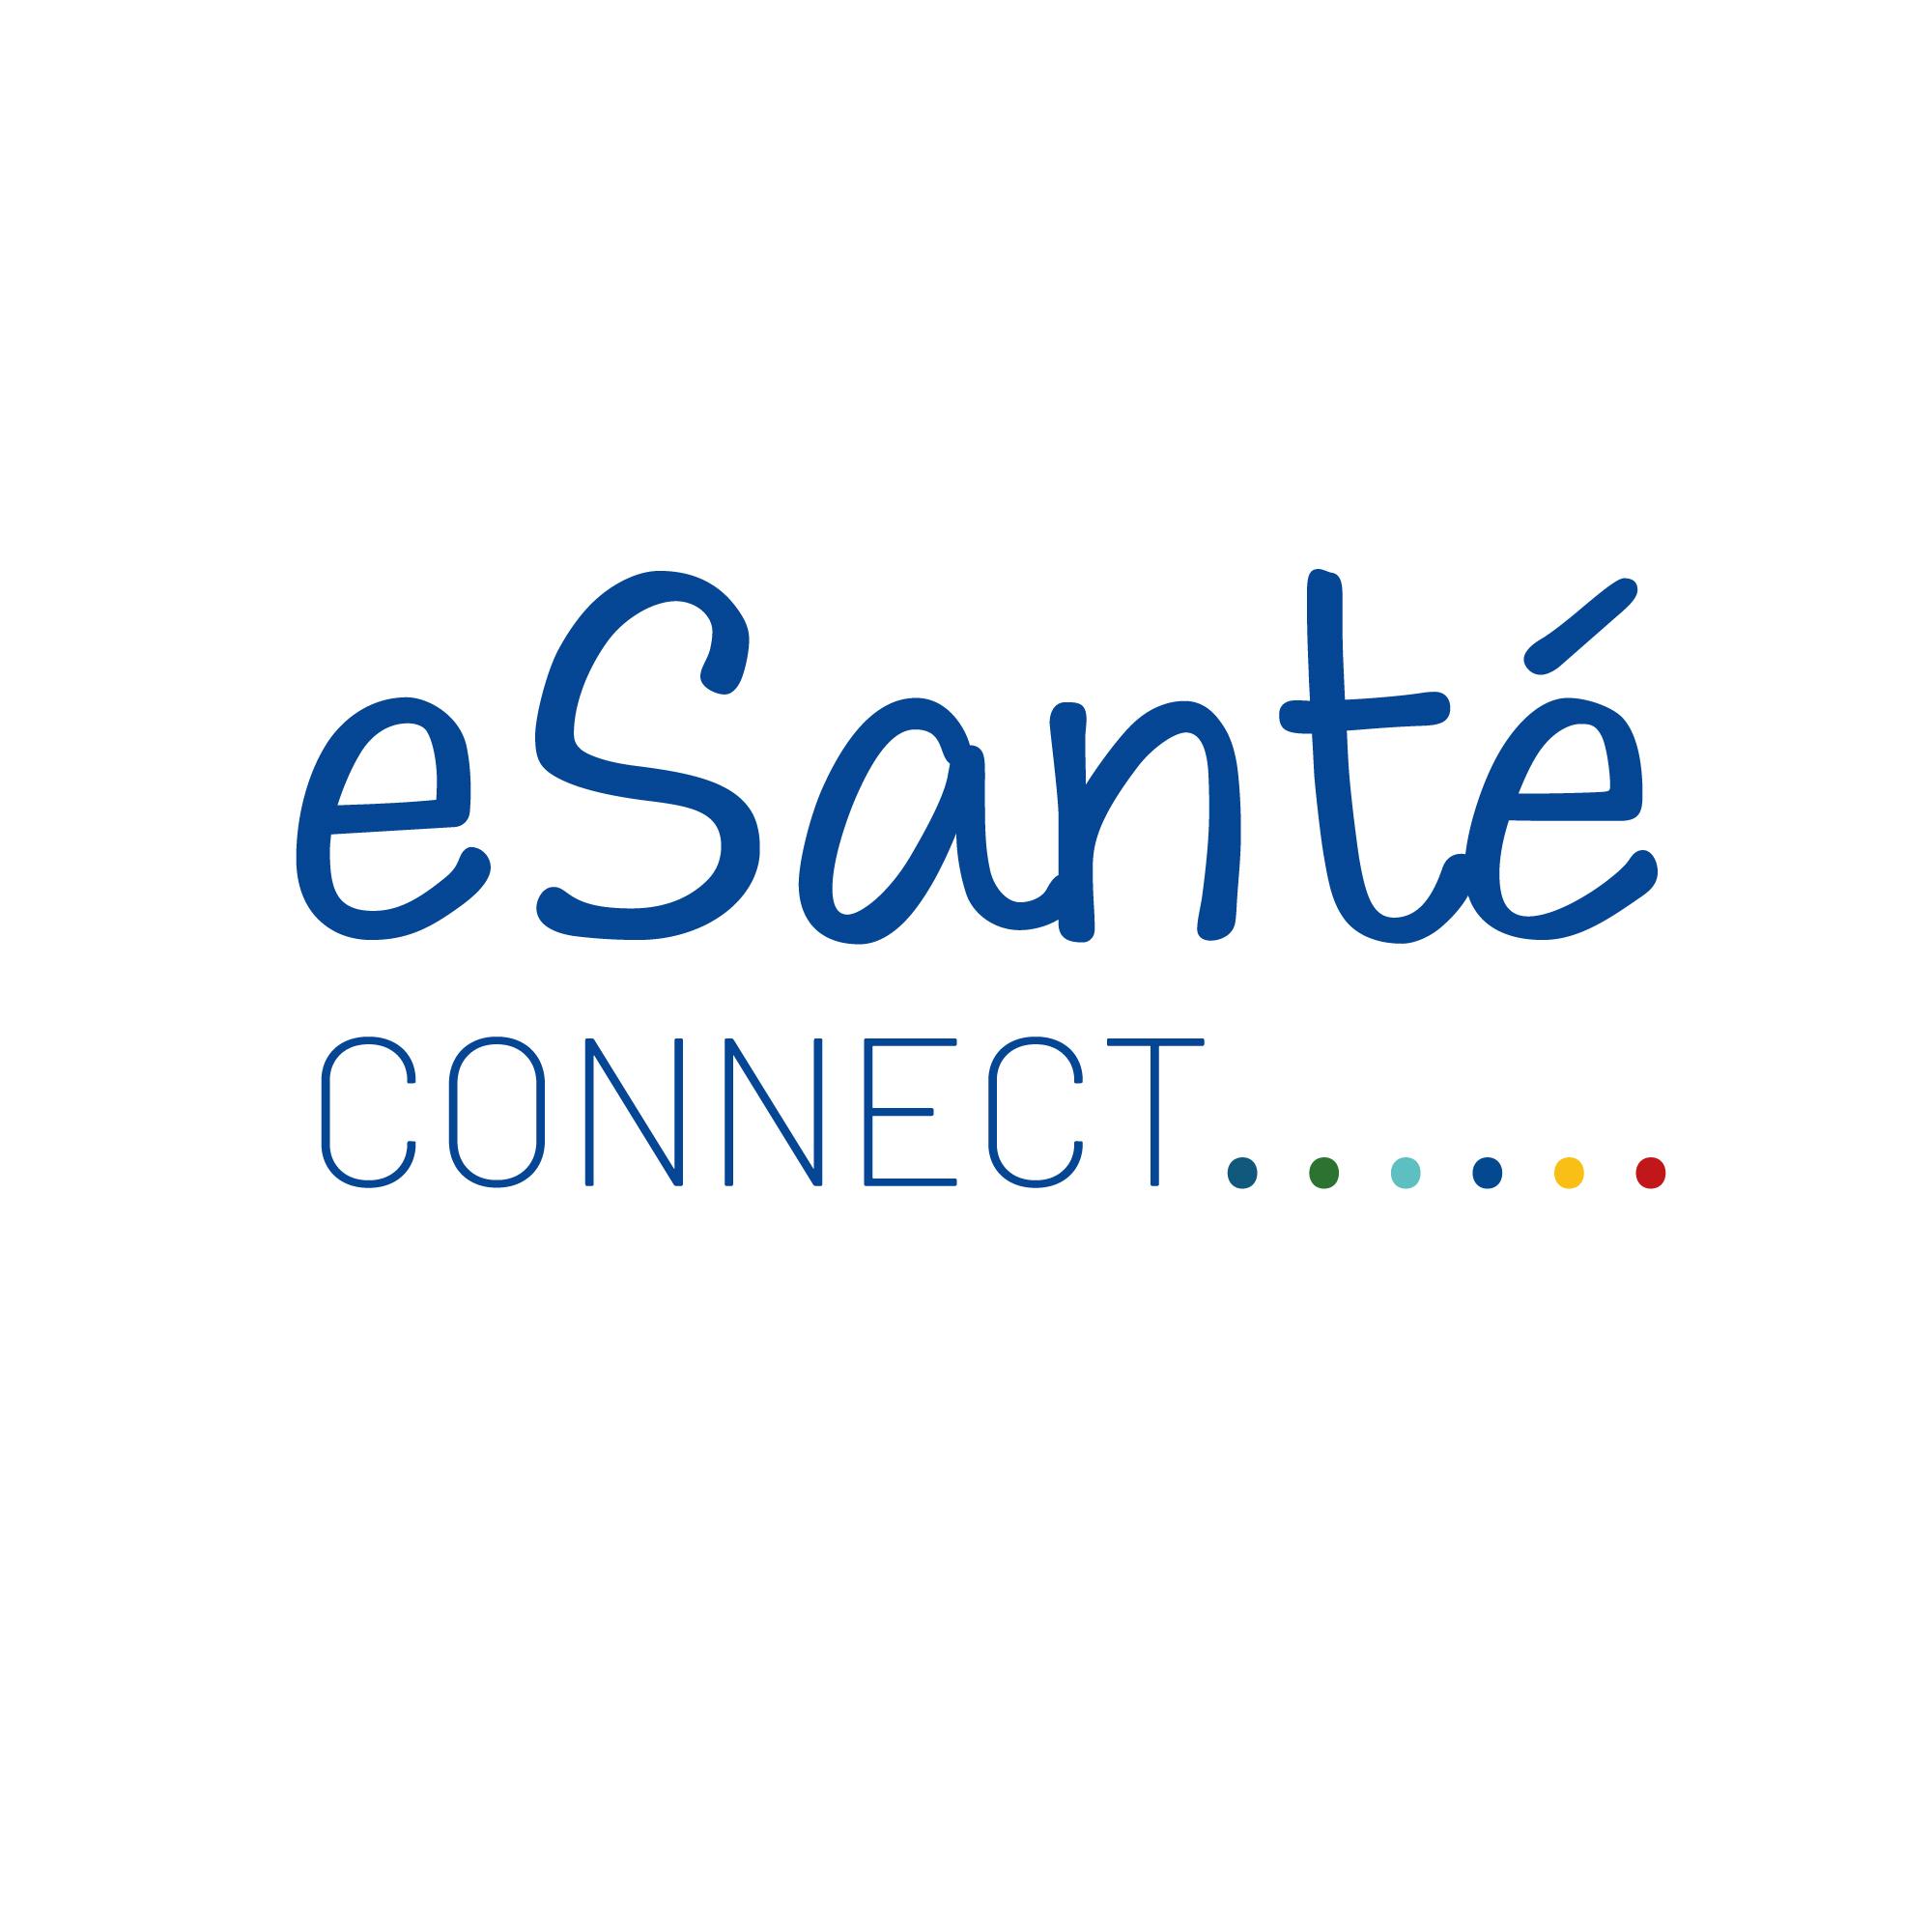 eSanté Connect